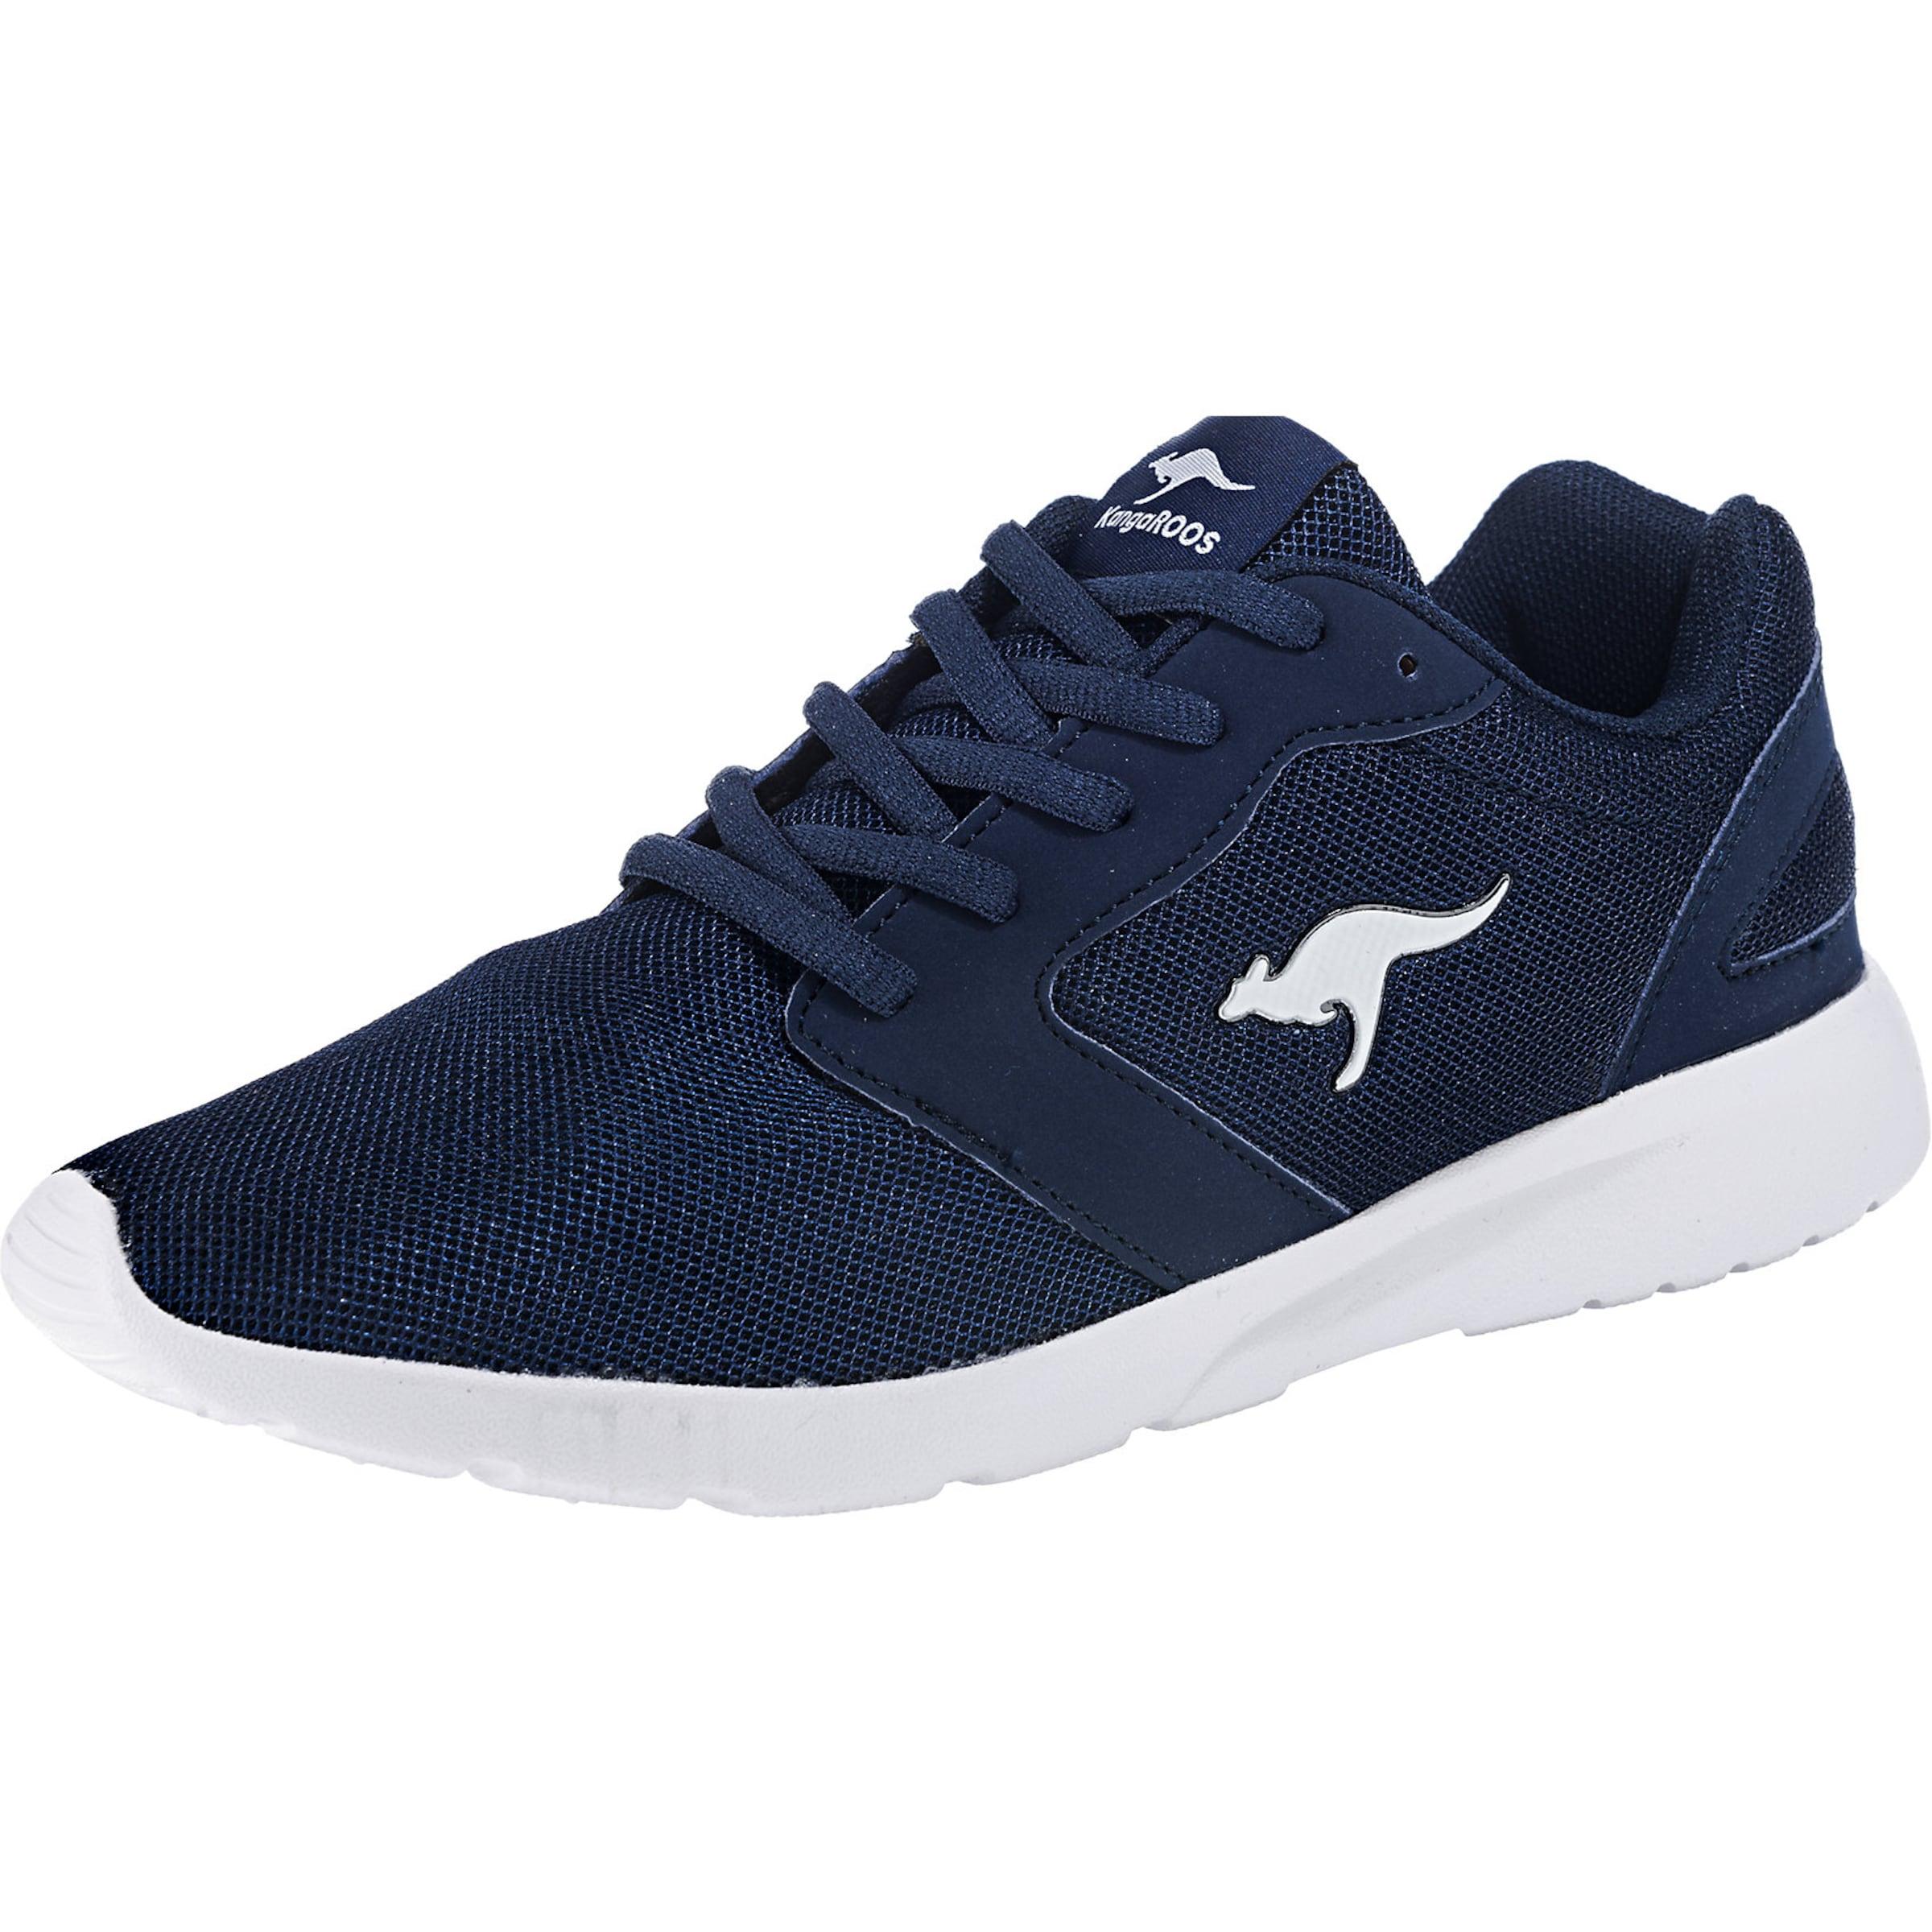 KangaROOS Nihu Sneakers Günstig Kaufen Empfehlen z9RrHSdf9t